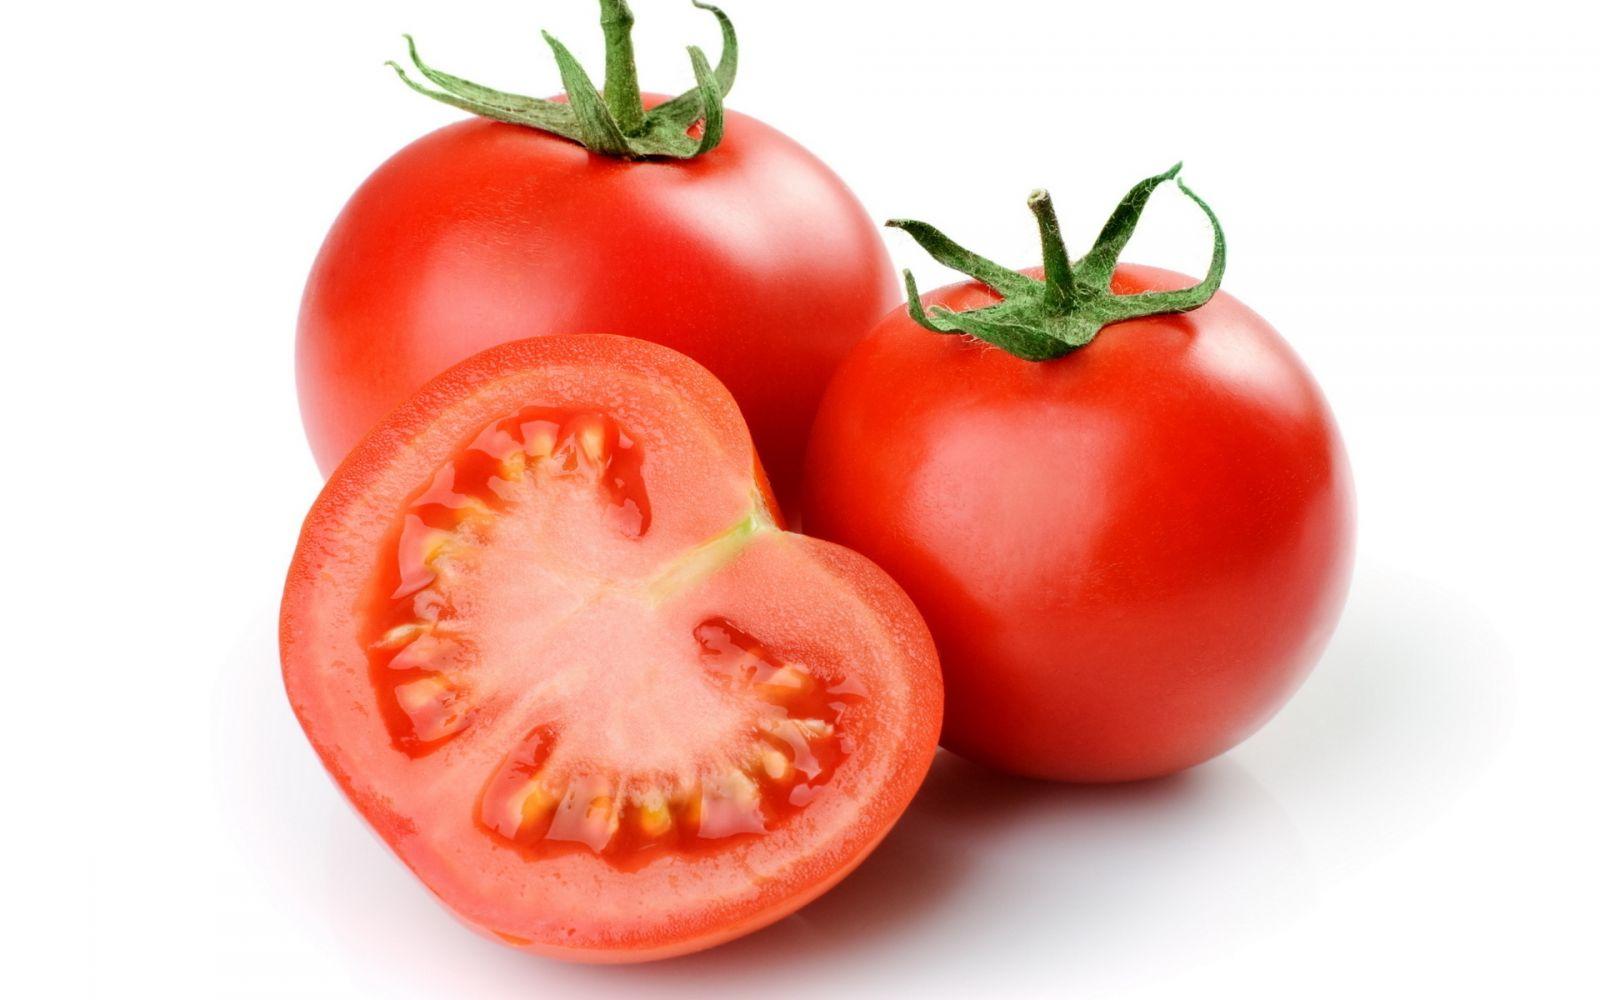 giảm cân an toàn bằng cà chua